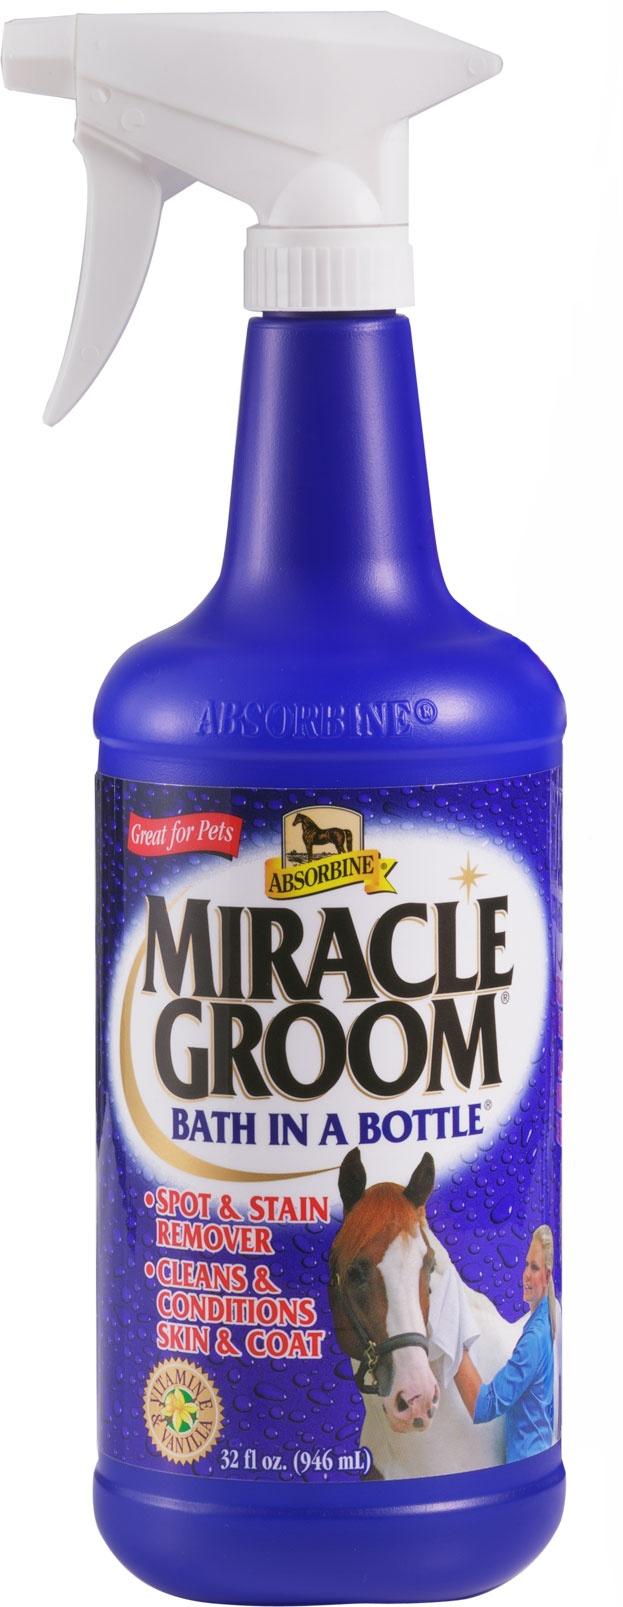 Absorbine Miracle Groom Tørrshampoo